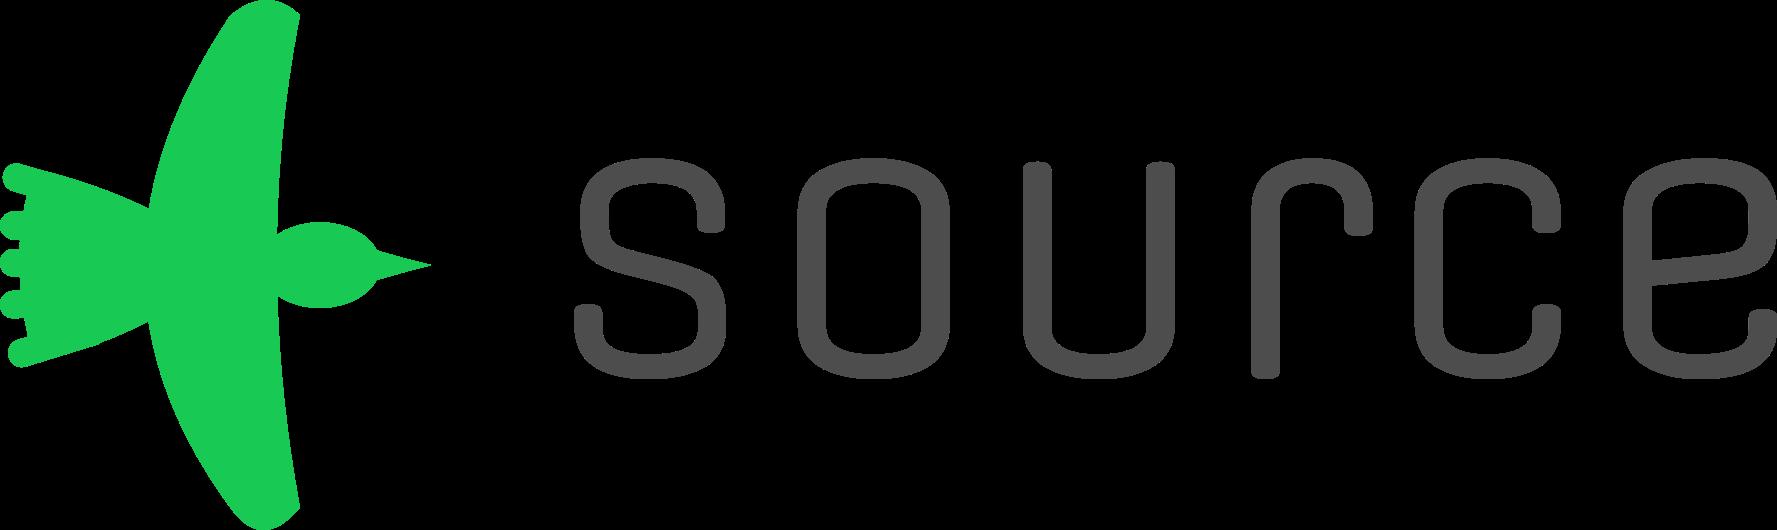 Source Institute.